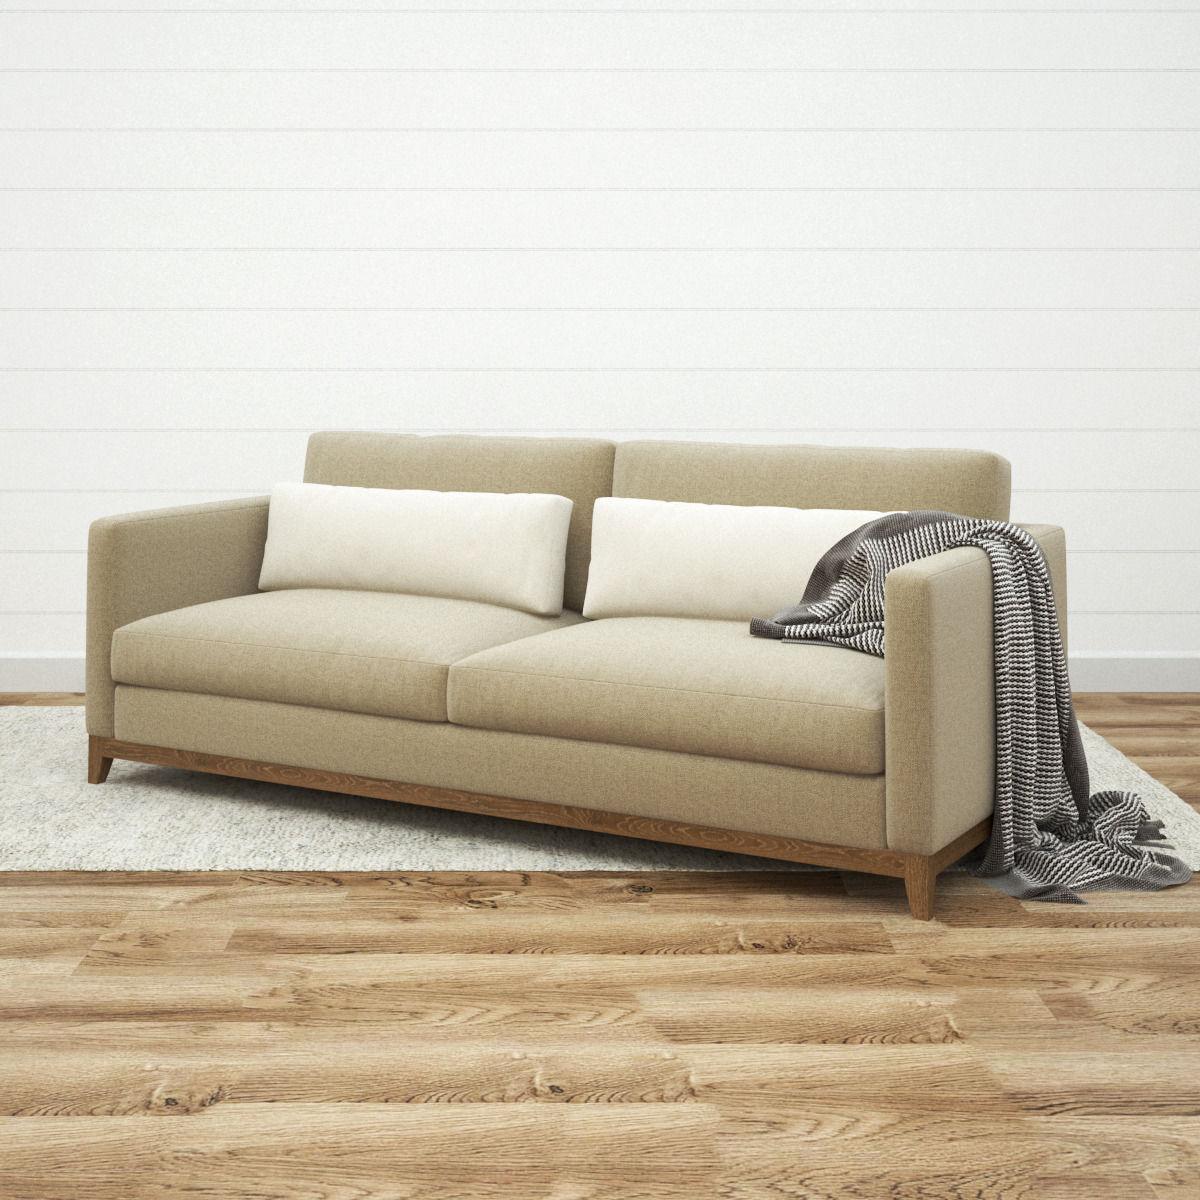 Crate and Barrel Taraval 2 Seat Sofa 3D model MAX OBJ FBX MTL